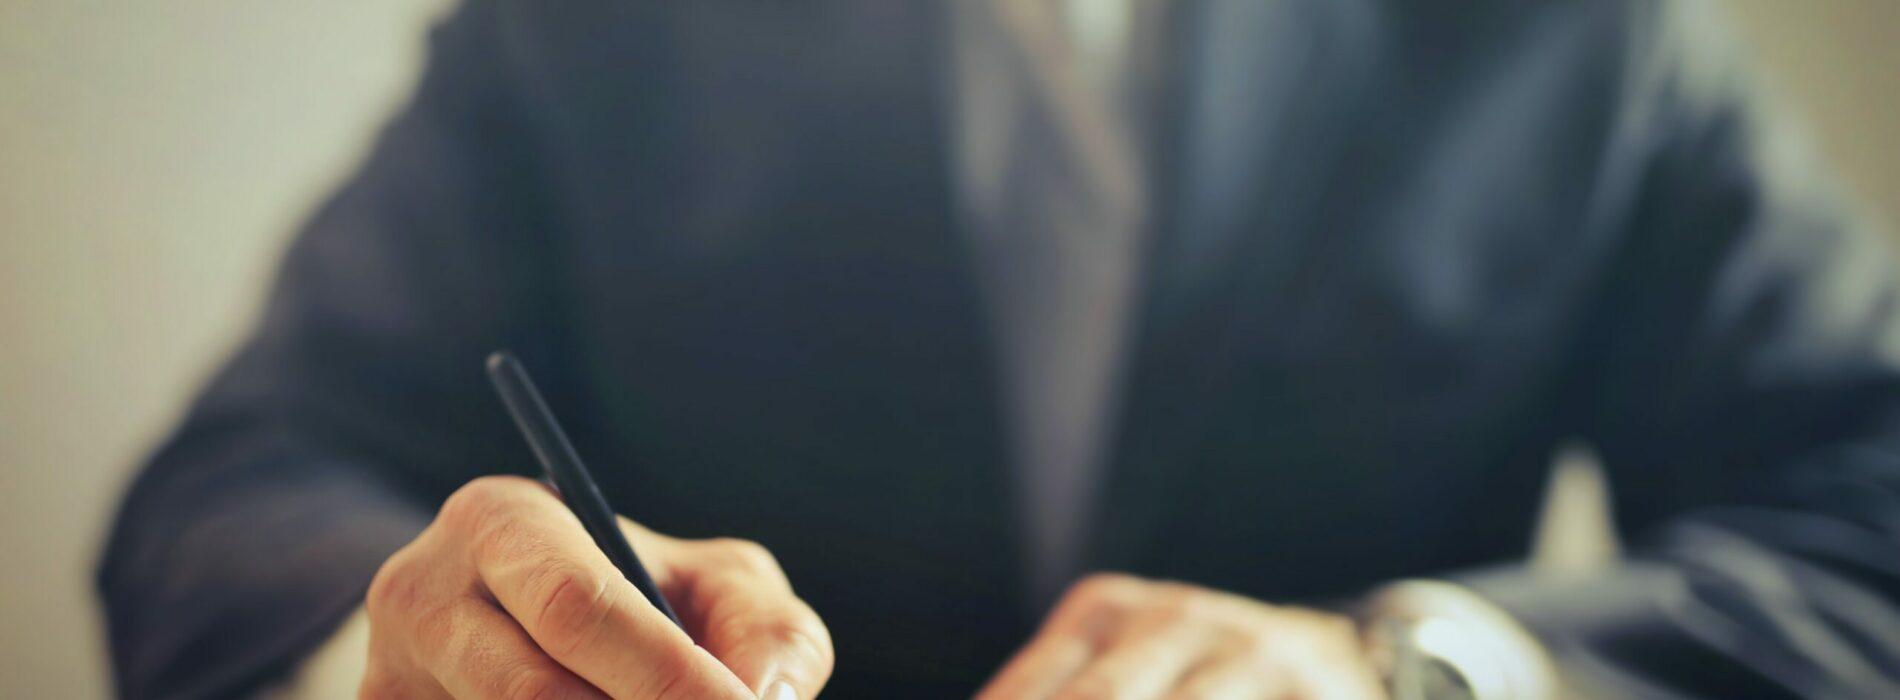 Odszkodowania komunikacyjne – recepta na uzyskanie rekompensaty za całą szkodę. Rozmowa z Radcą Prawnym Michałem Gruchaczem